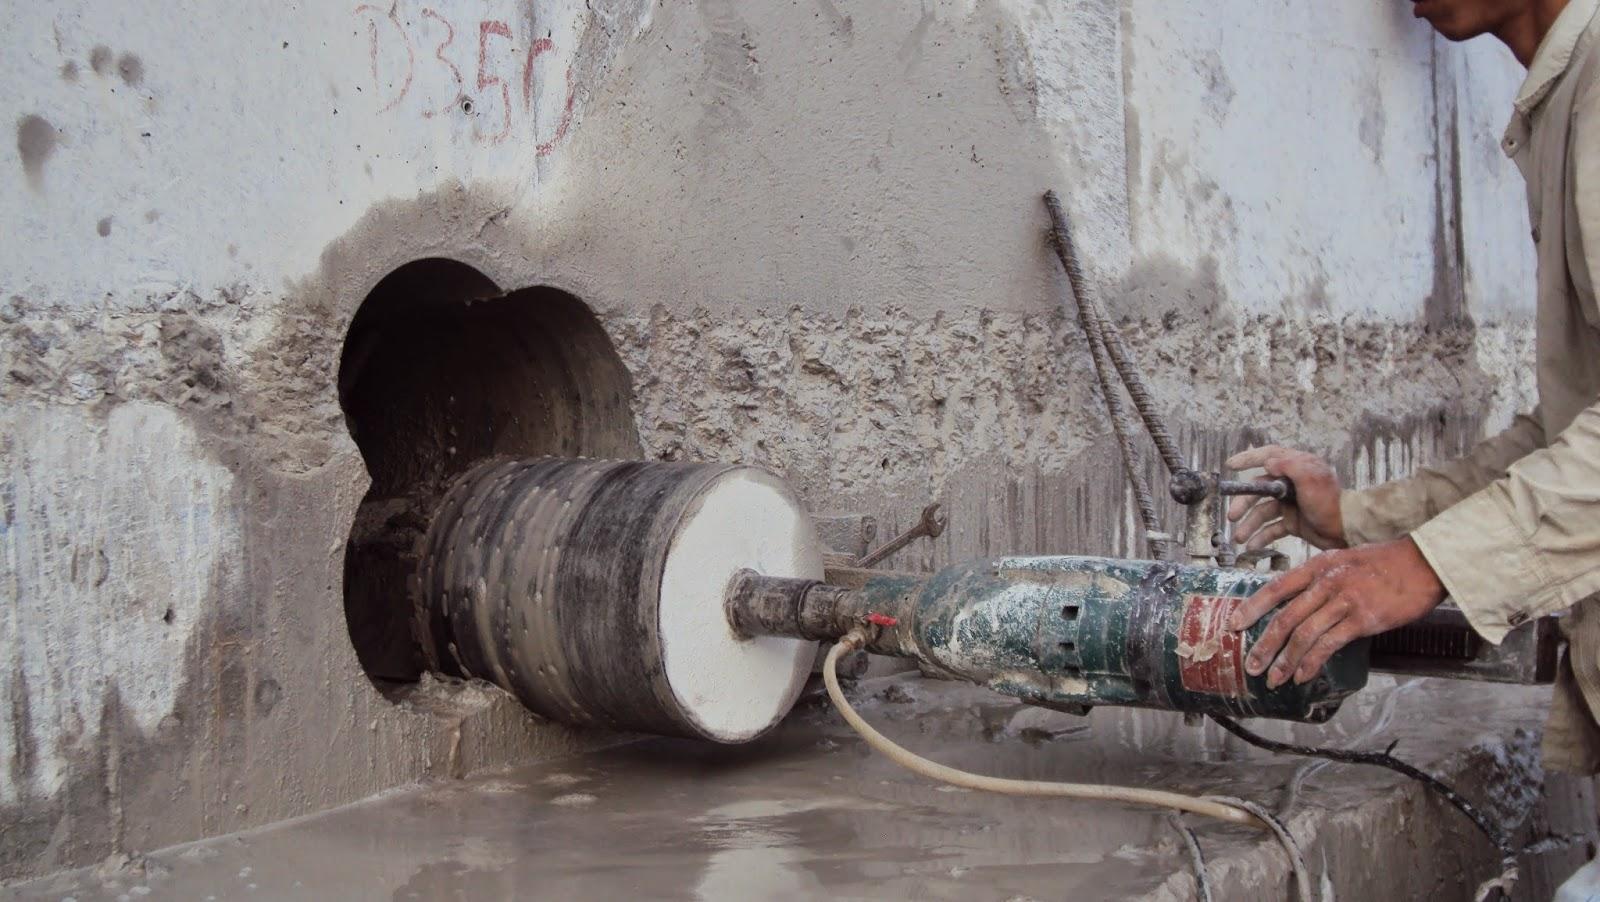 đục phá bê tông, Khoan cắt bê tông huyện Bình Chánh